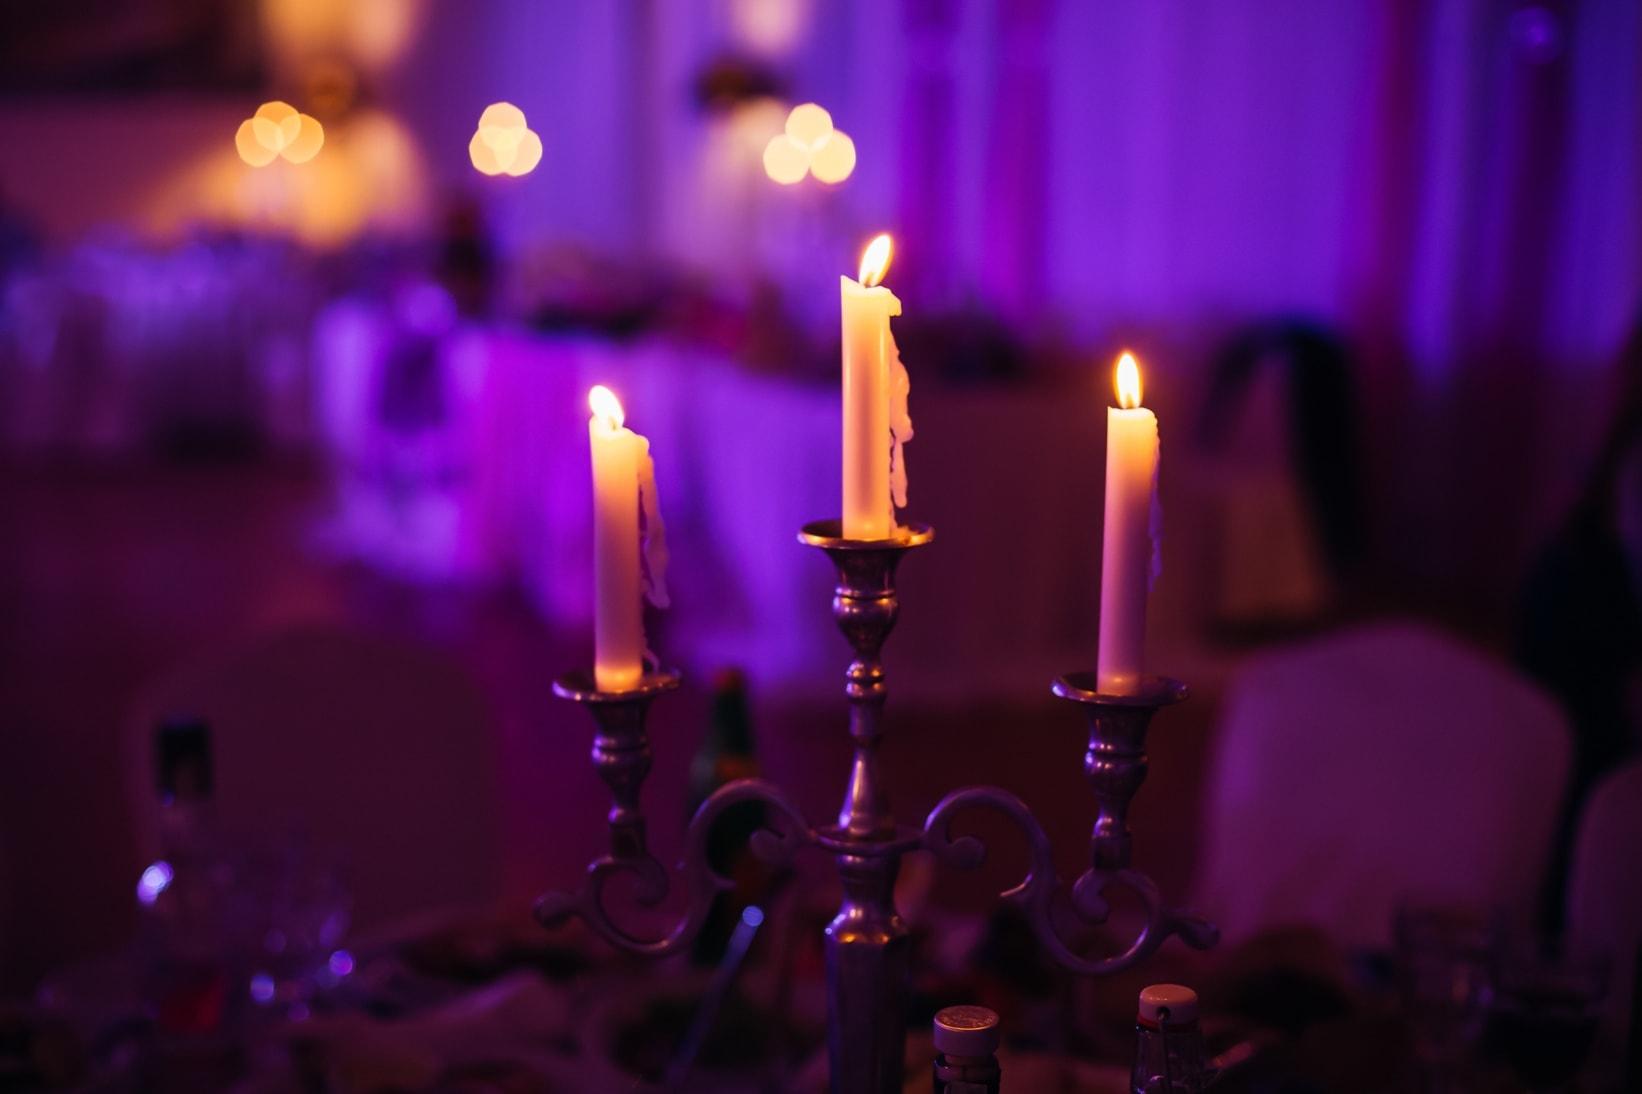 Kerzenleuchter in lila beleutschteten Raum